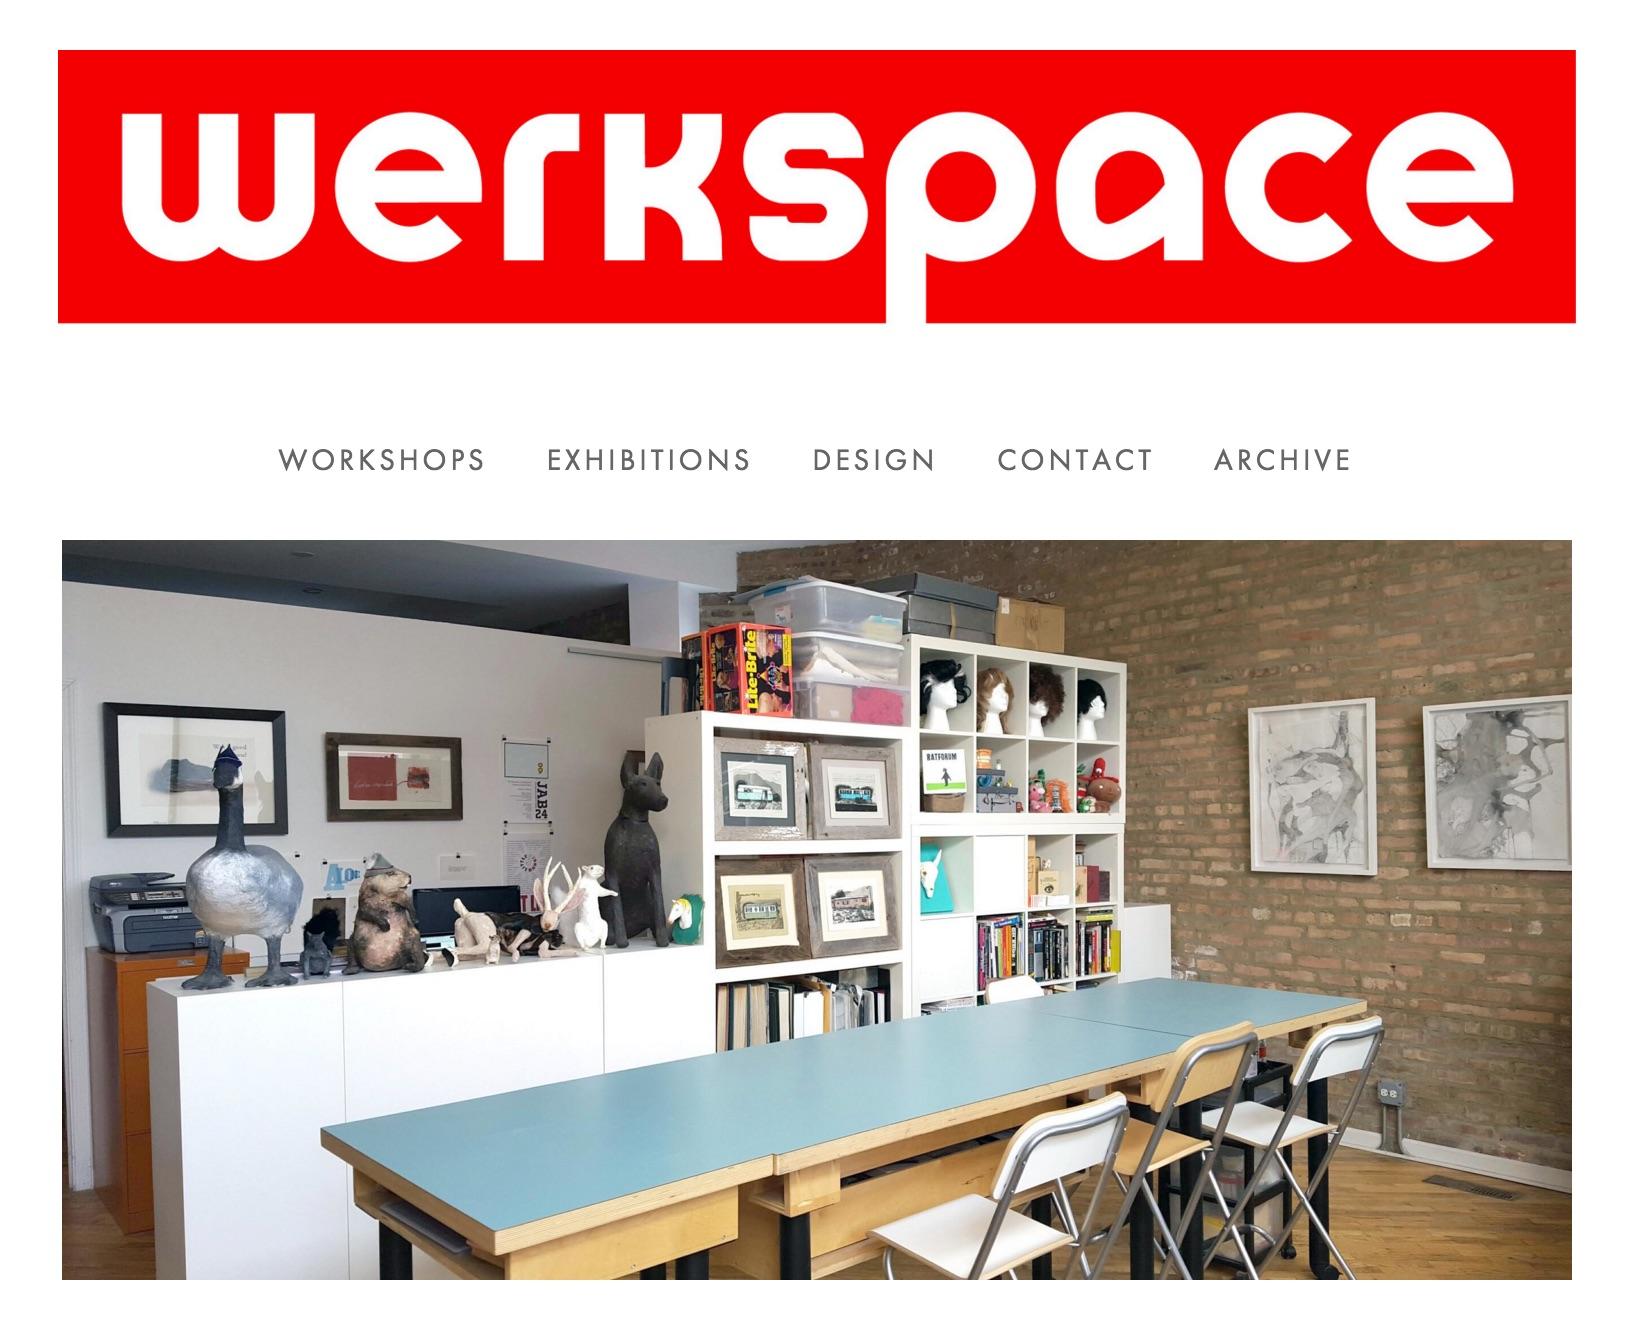 werkspace website